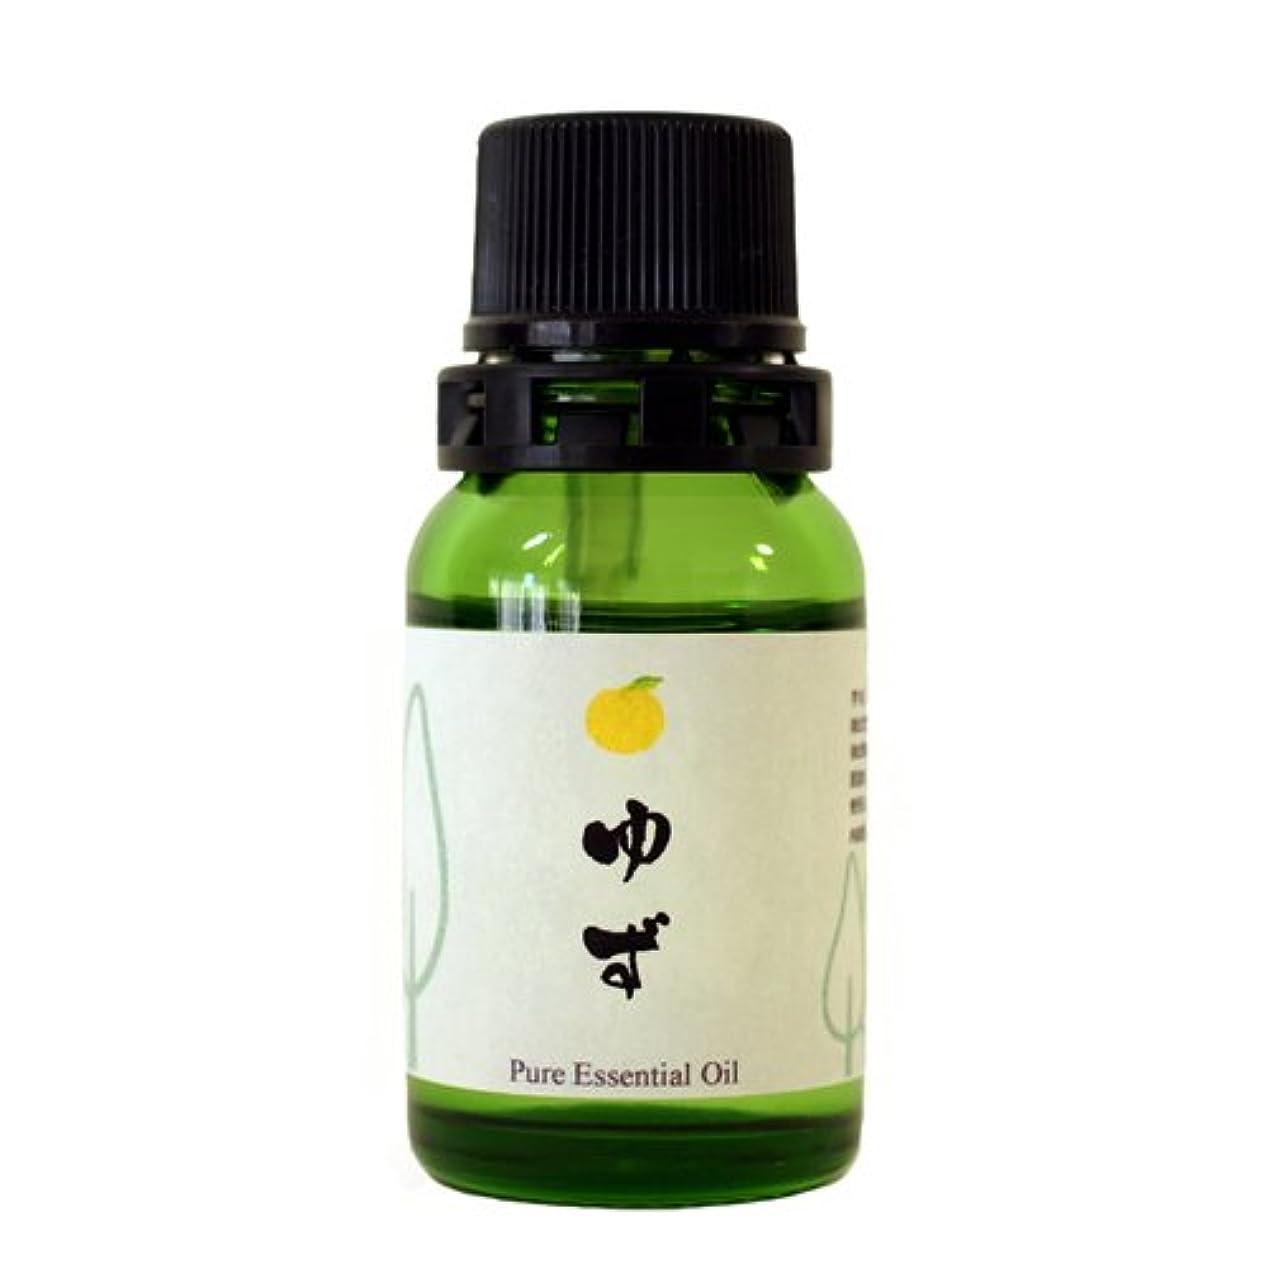 ネーピア織機尾和精油 ゆず(高知県産) エッセンシャルオイル 10ml